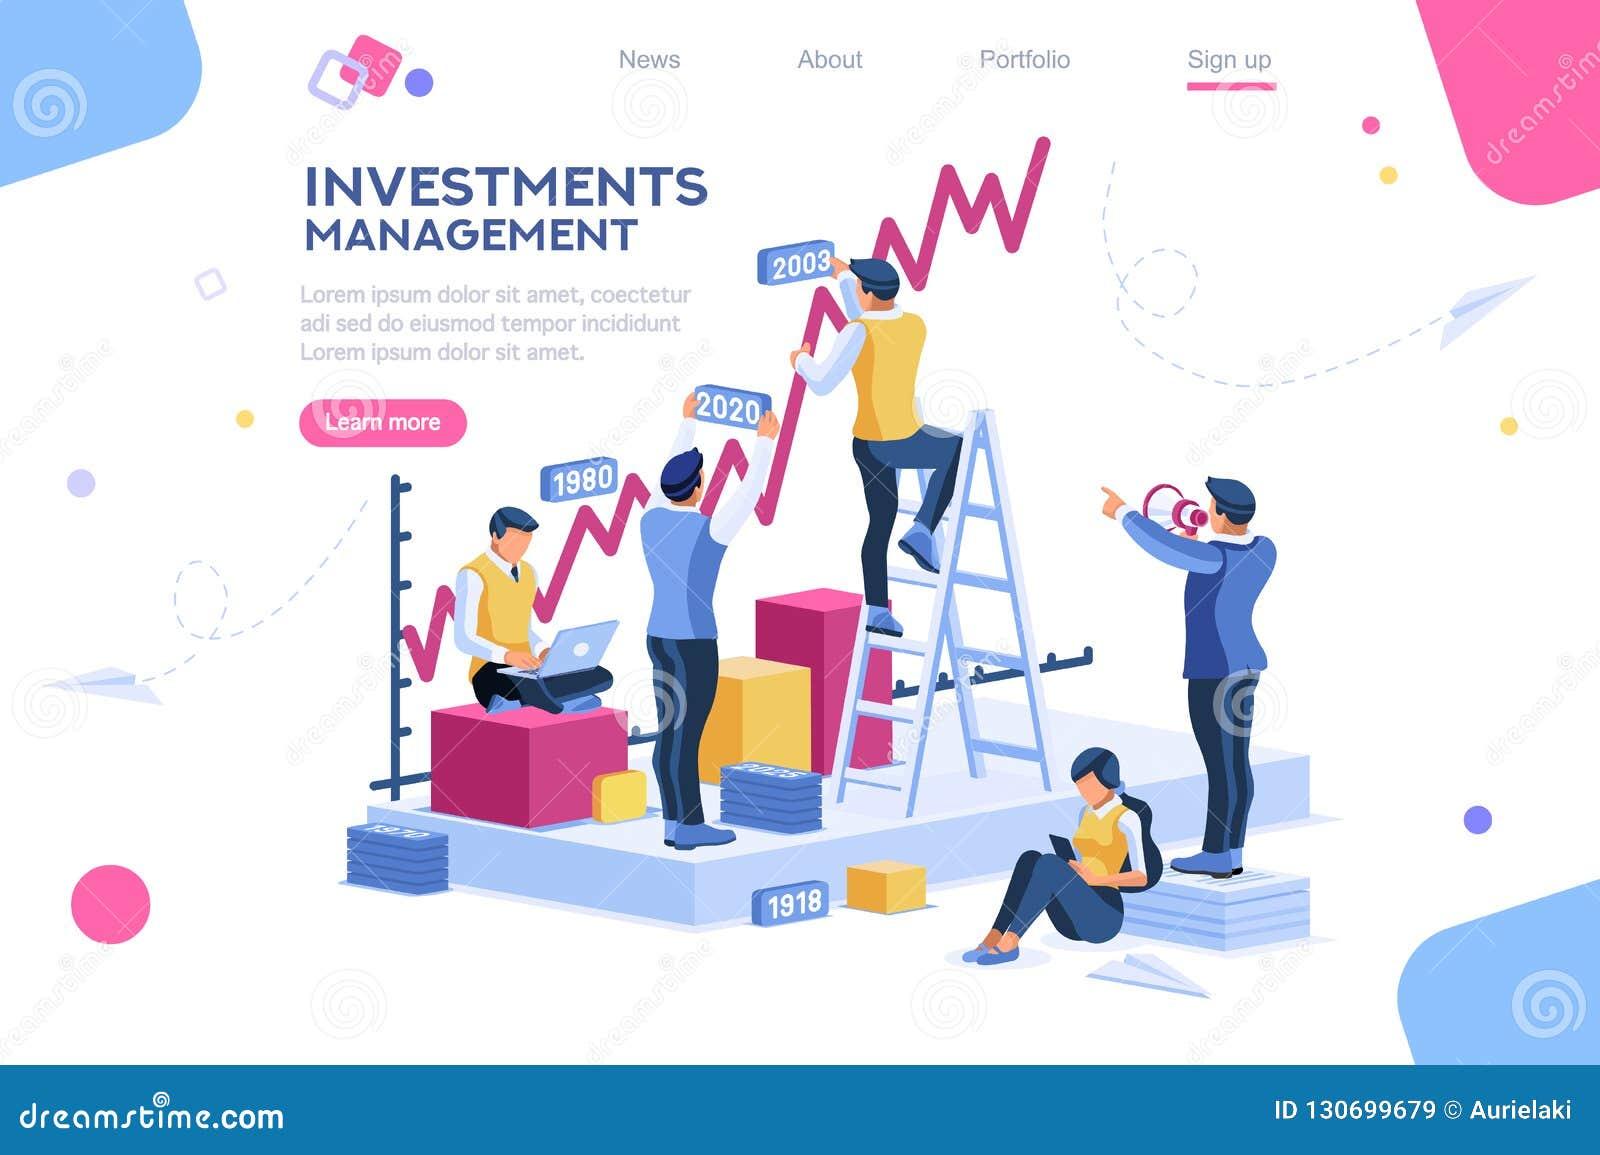 Progreso alternativo, anuncio del edificio, gestión de inversiones para la compañía